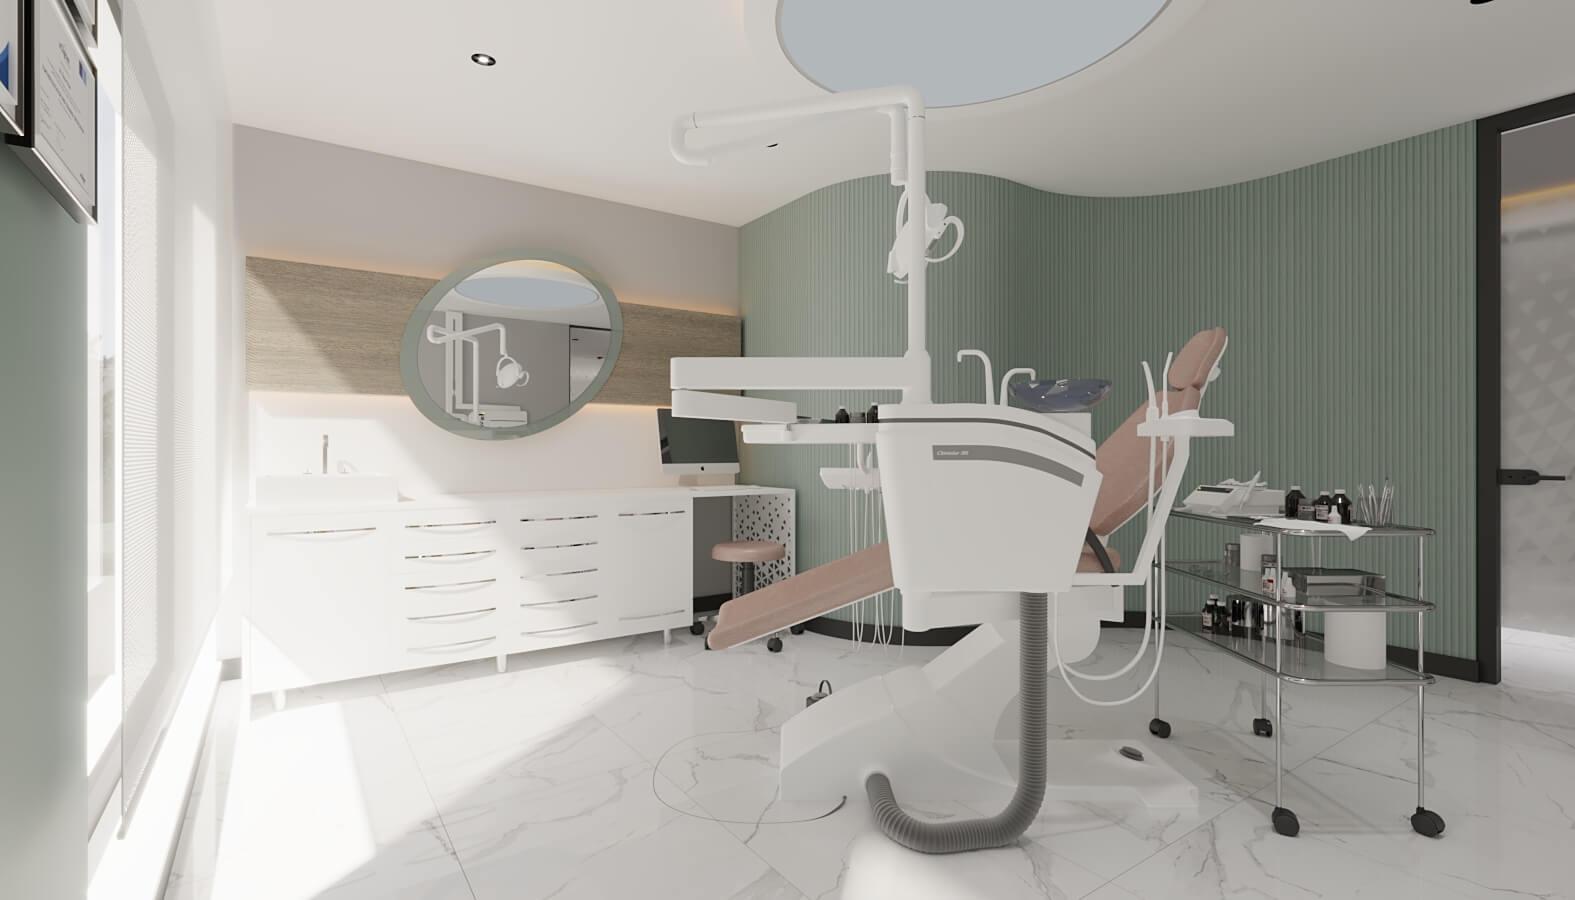 Diş kliniği tasarımı 4551 Ankara Diş Kliniği Tasarımı Sağlık